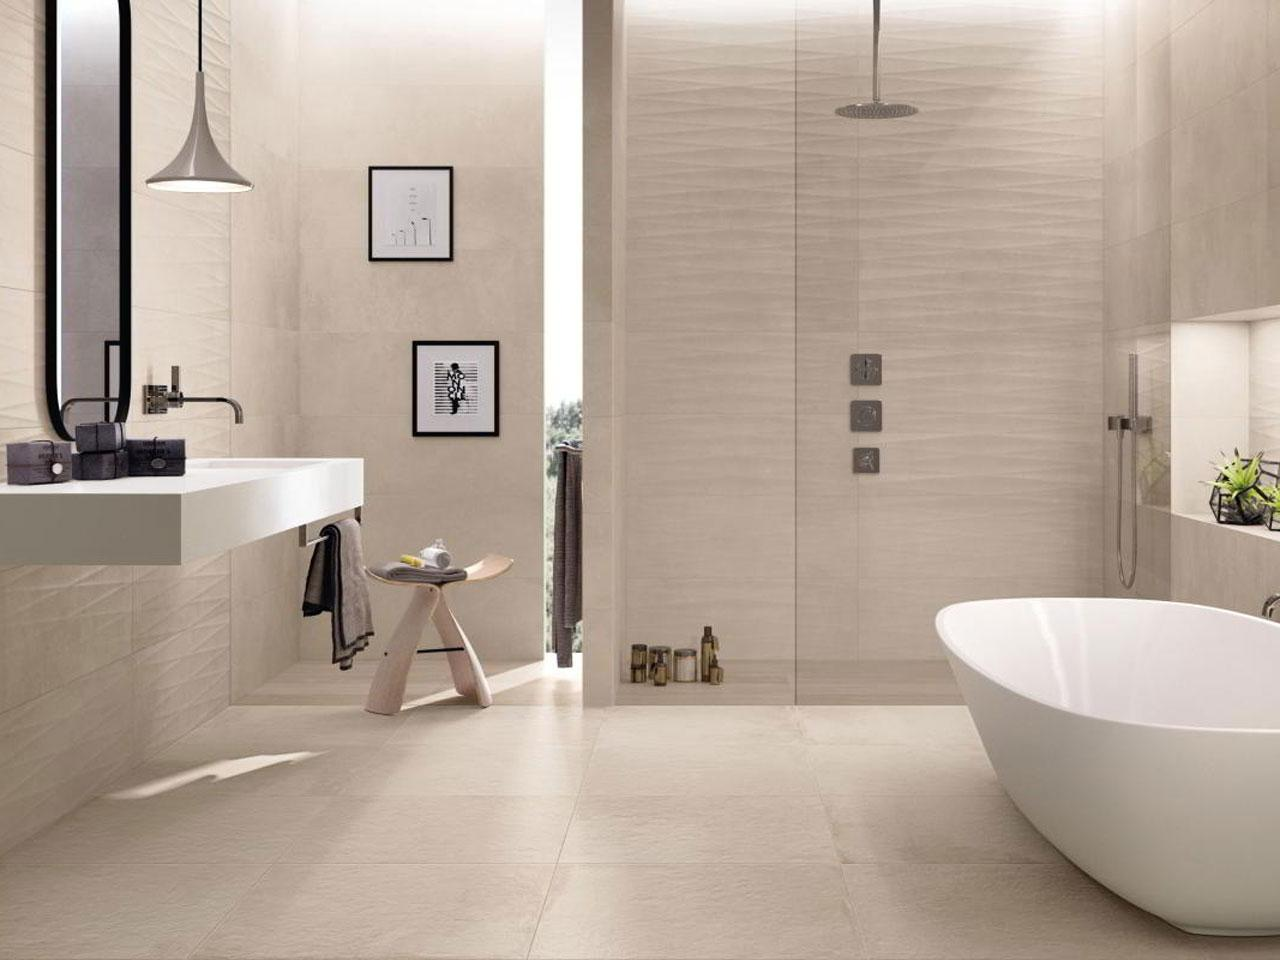 Bagnoidea prodotti e tendenze per arredare il bagno - Rubinetteria bagno nera ...